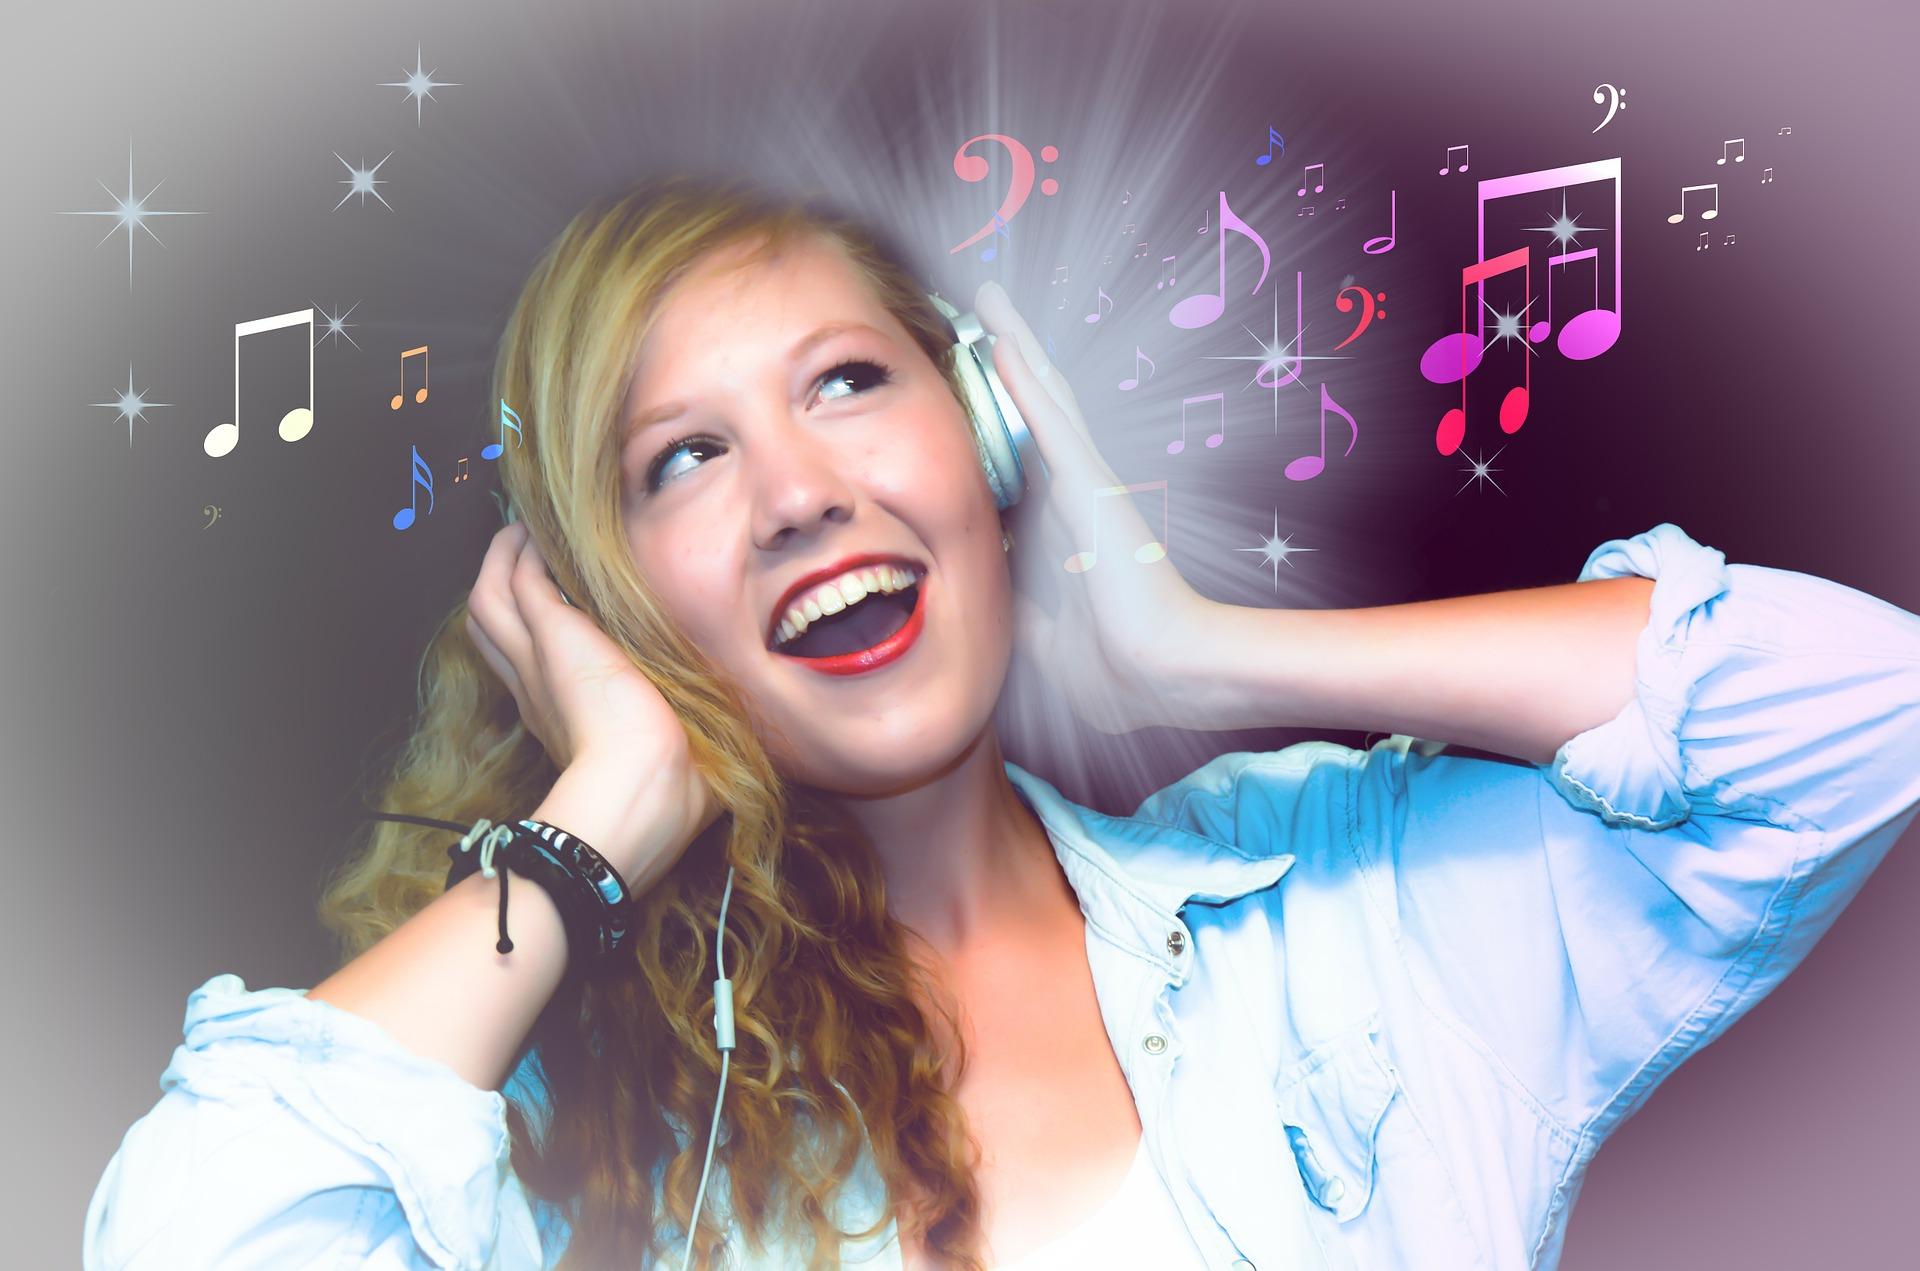 Happiness is Free: अगर आपको घर पर कोई म्यूज़िक सुनने से रोके तो आप उन्हें संगीत सुनने के ये फायदे ज़रूर गिना दें !